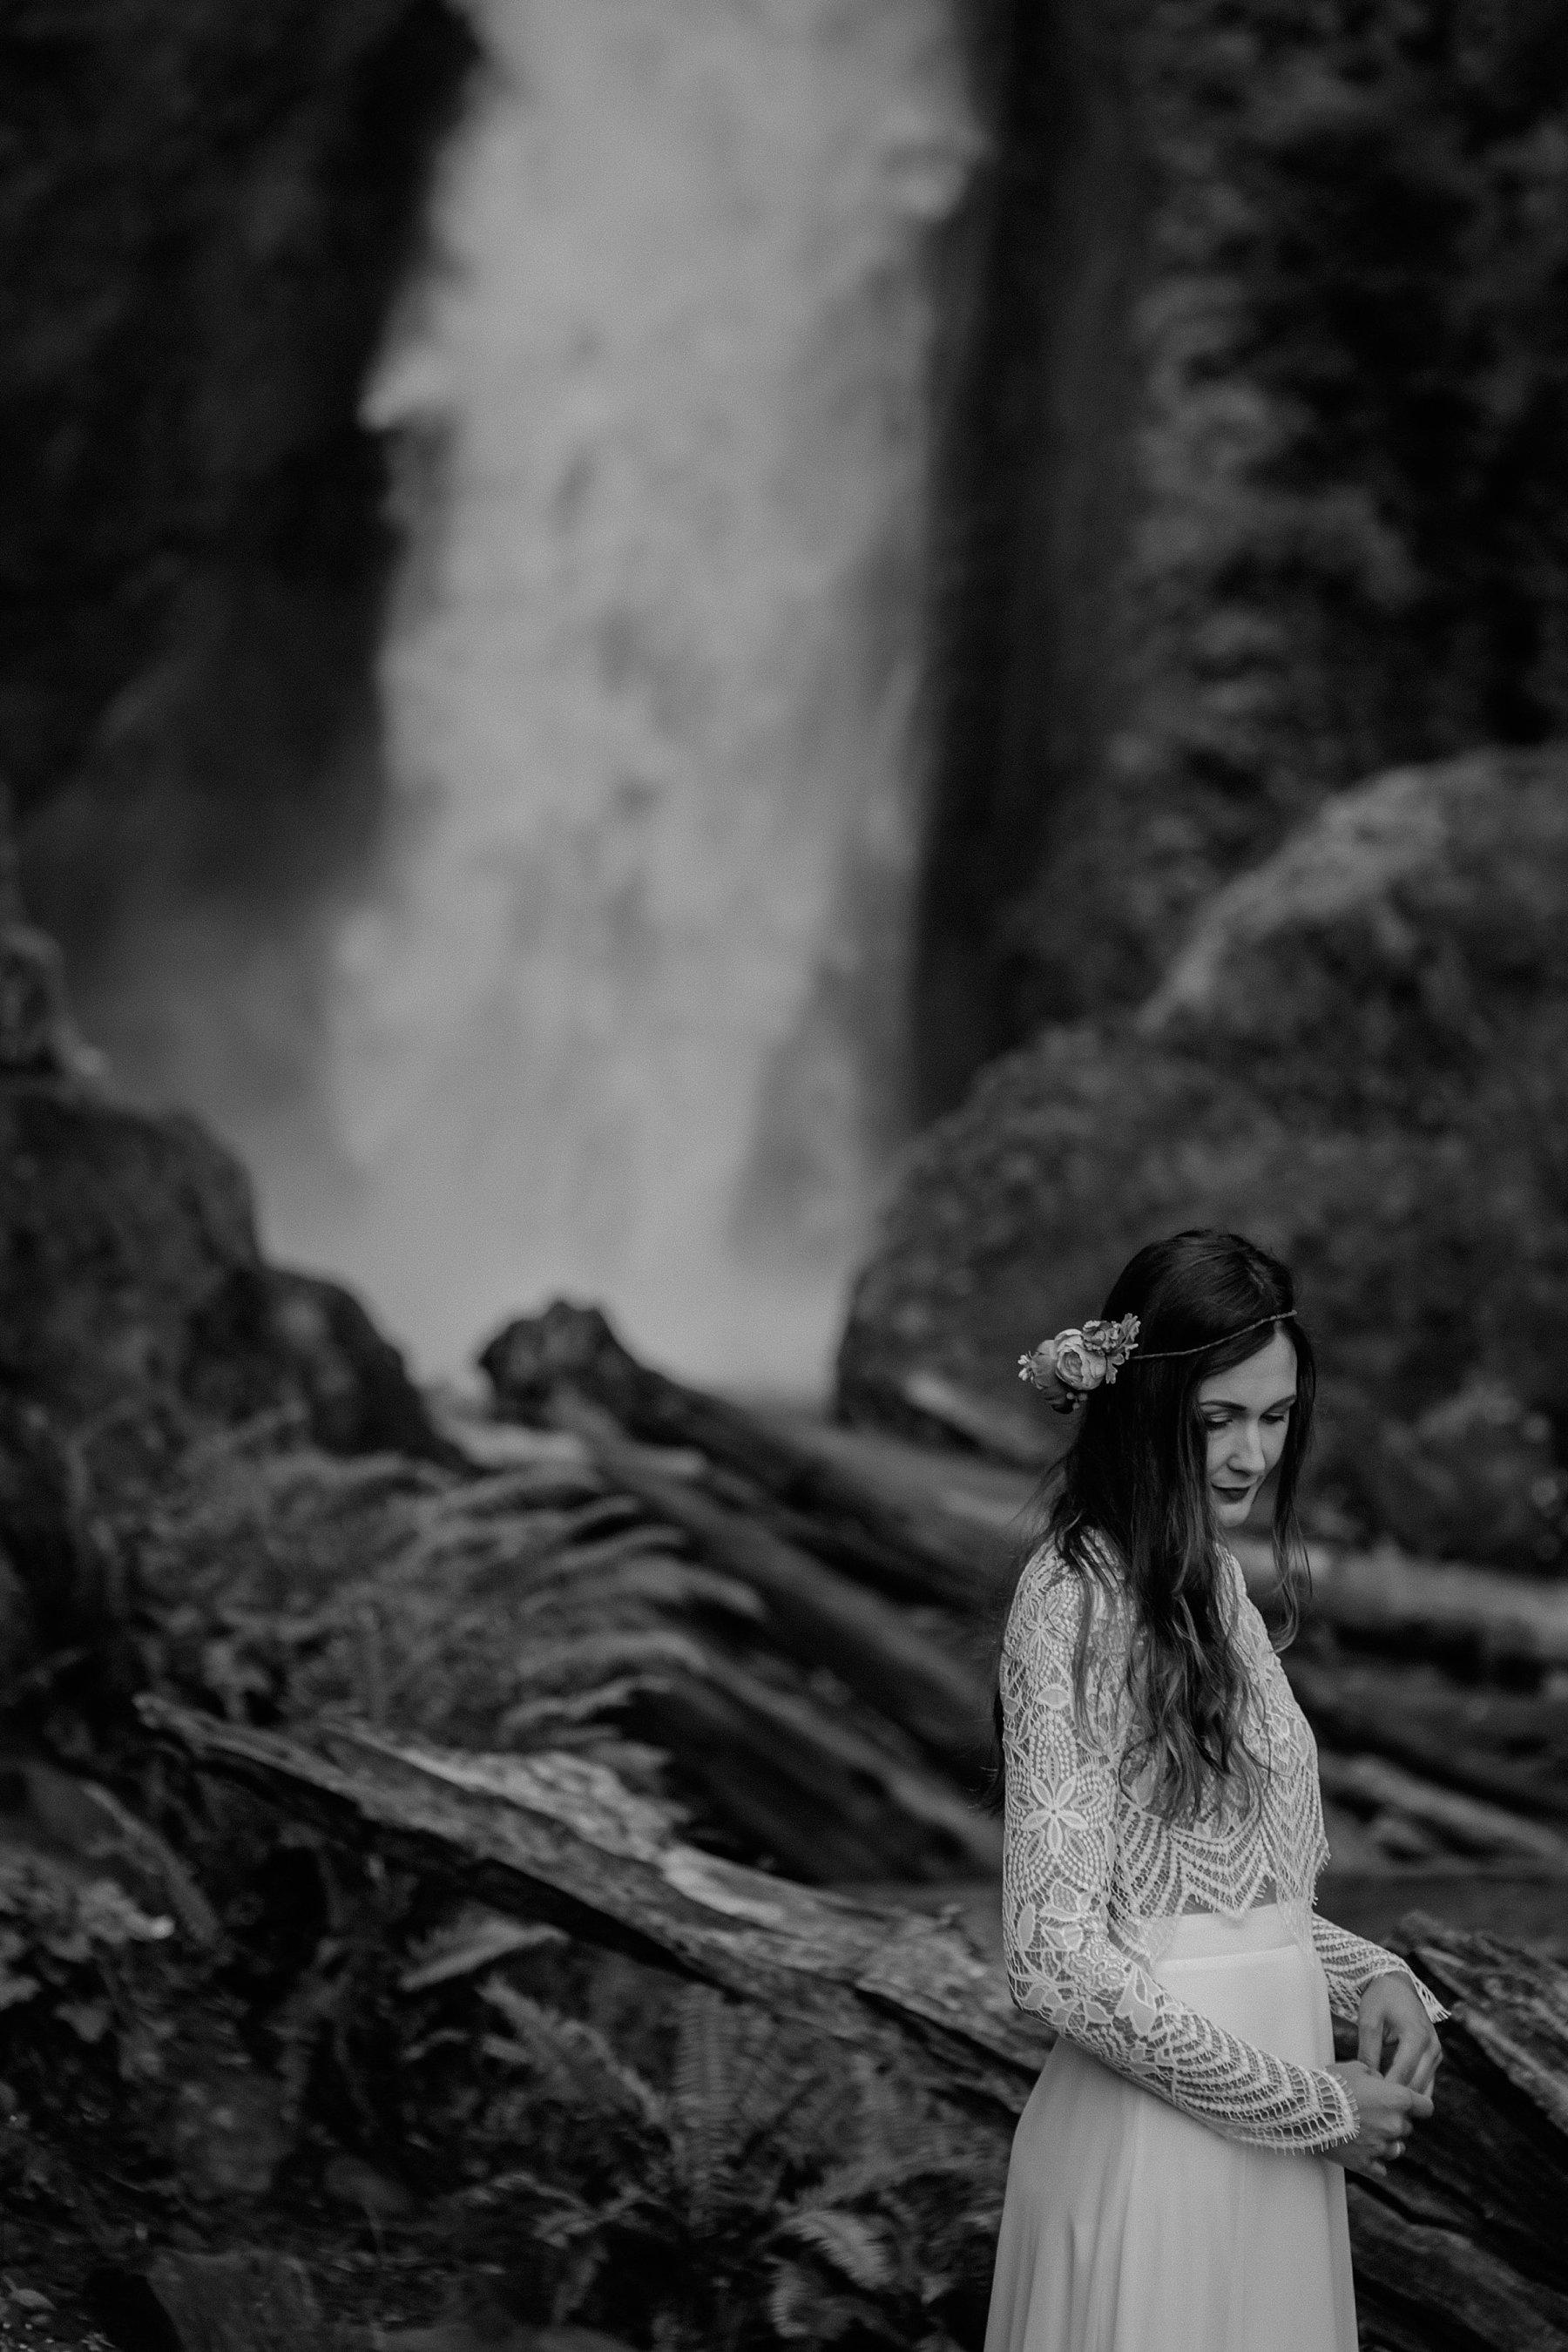 A bride portrait photo at Wahclella Falls